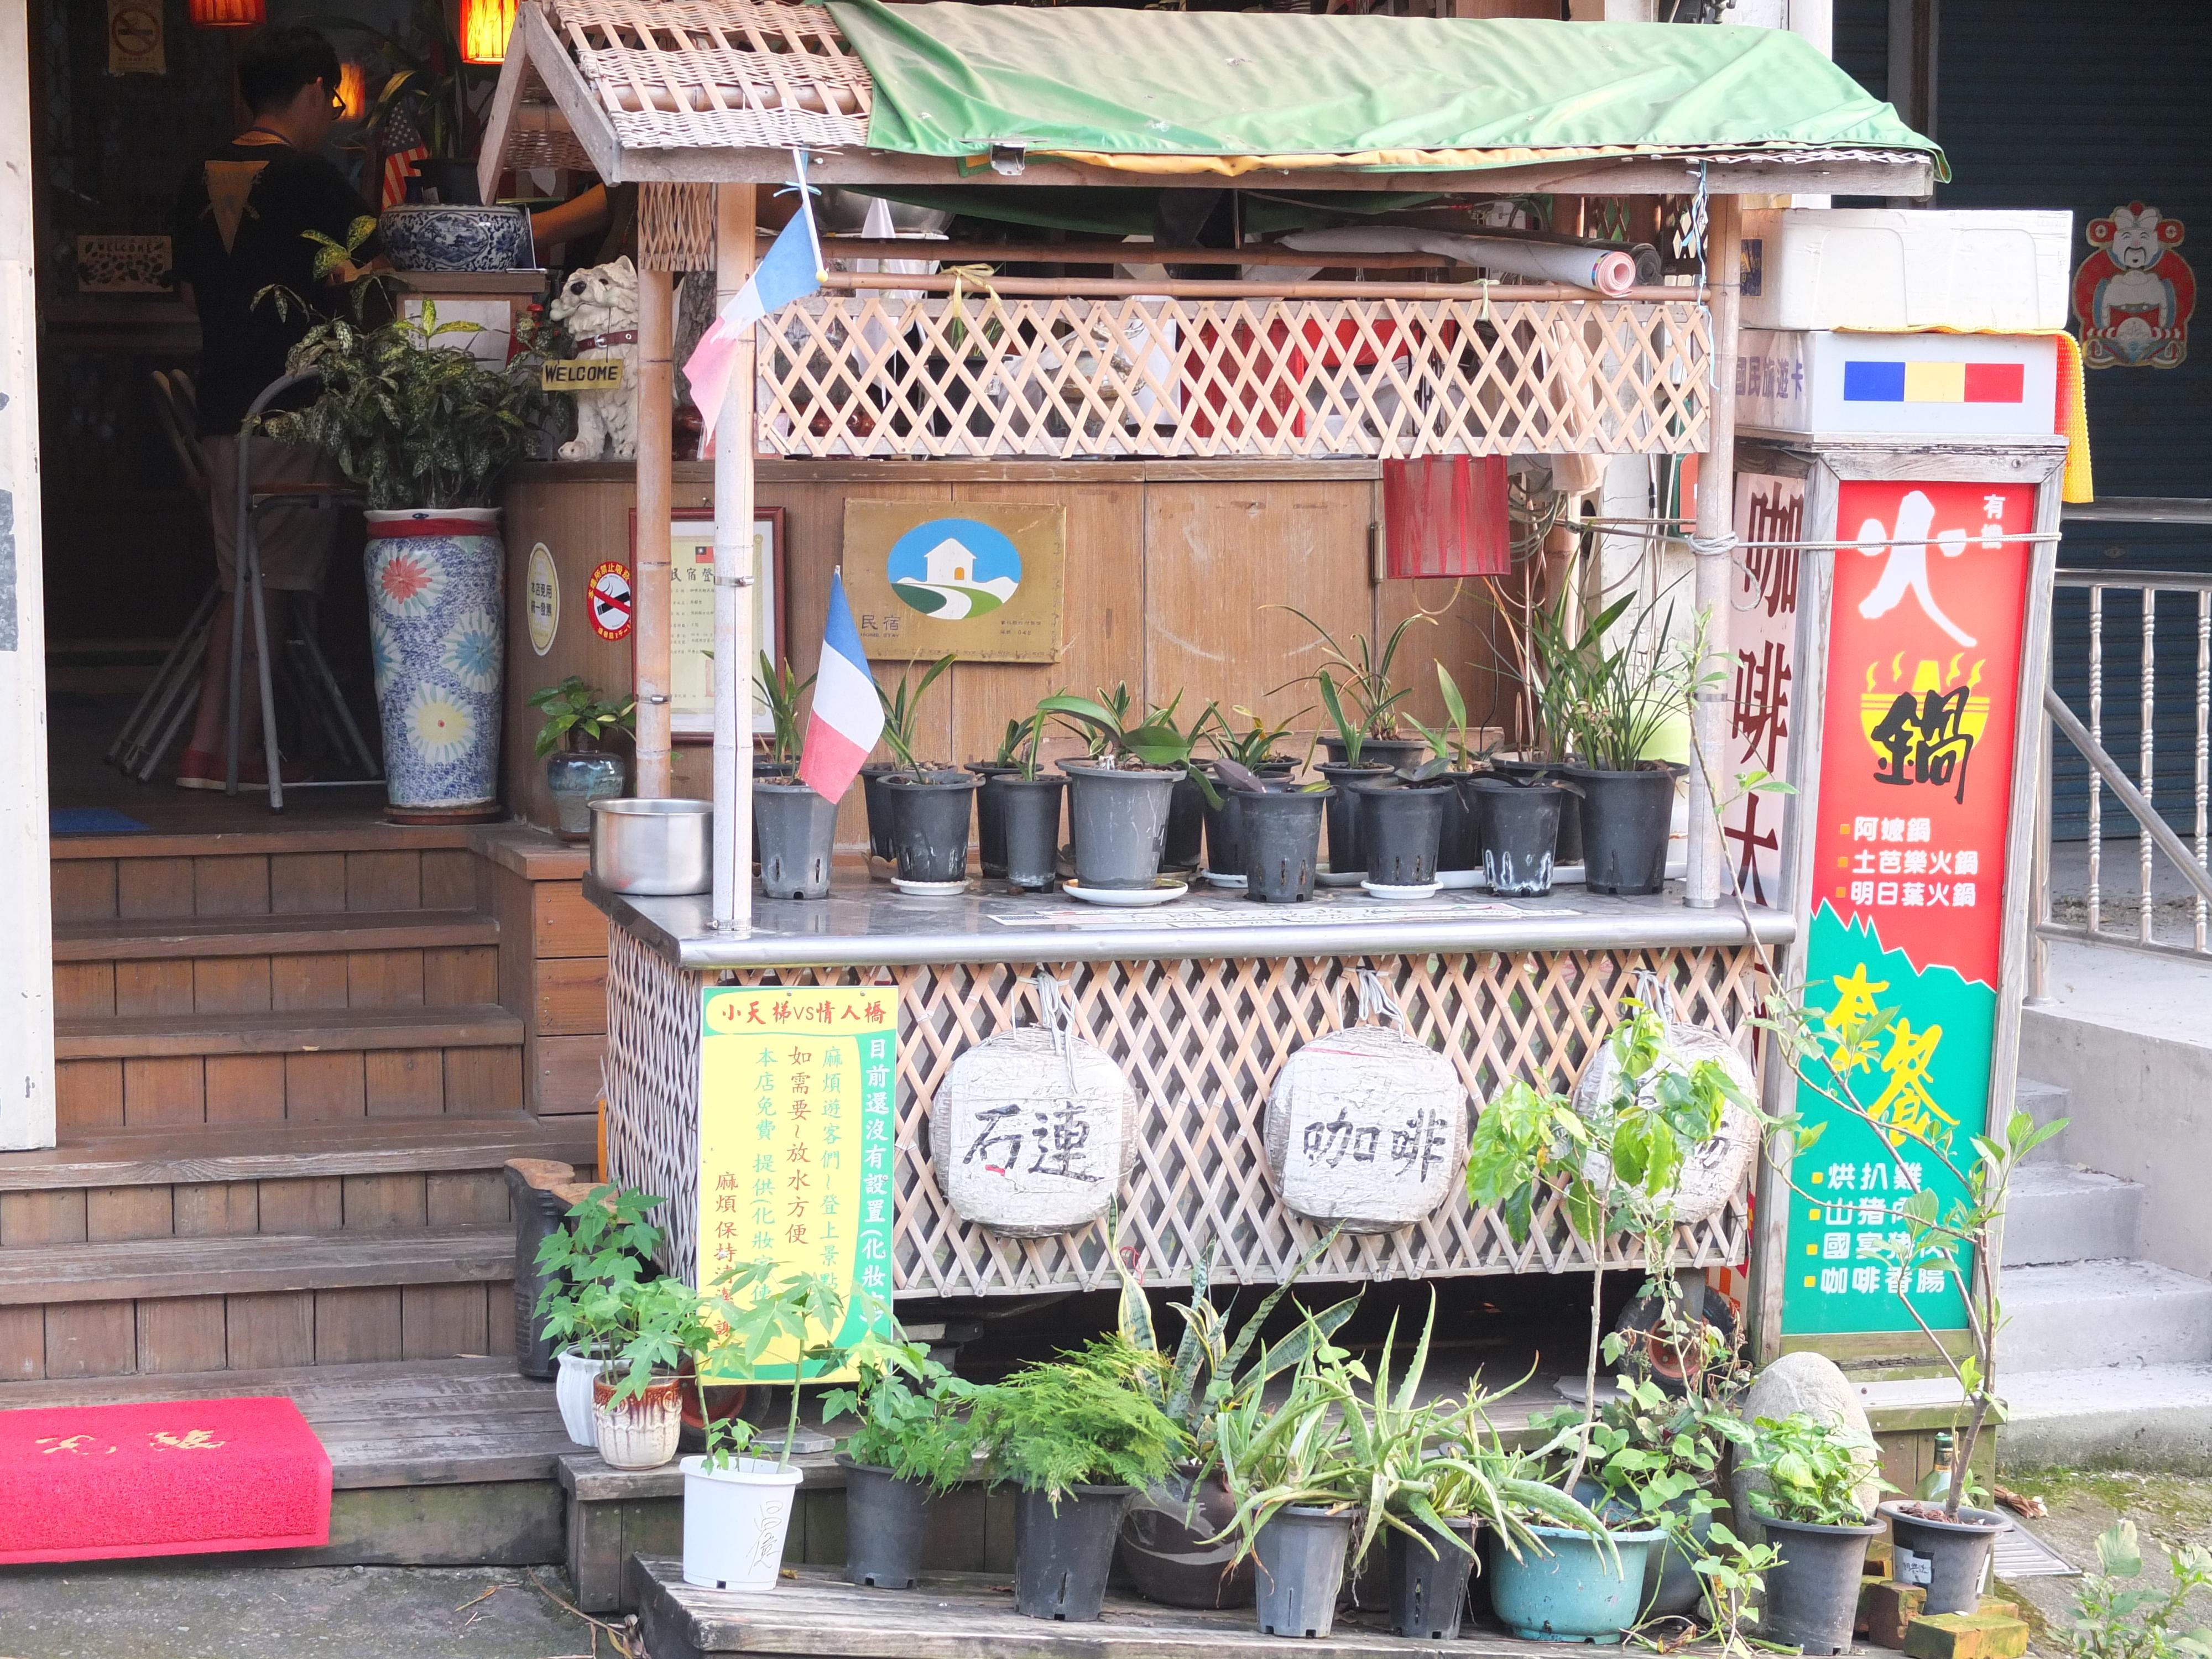 茗鎮咖啡民宿